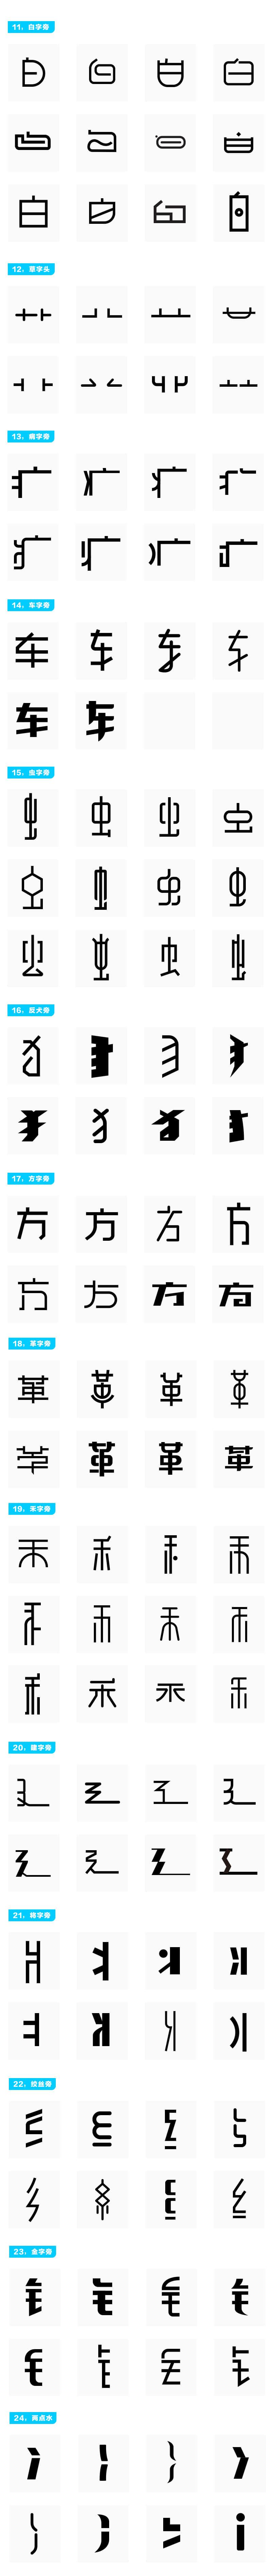 中文字体创作:常用偏旁部首设计范例之参考 设计范例 设计参考 字体设计 中文字形设计  ruanjian jiaocheng